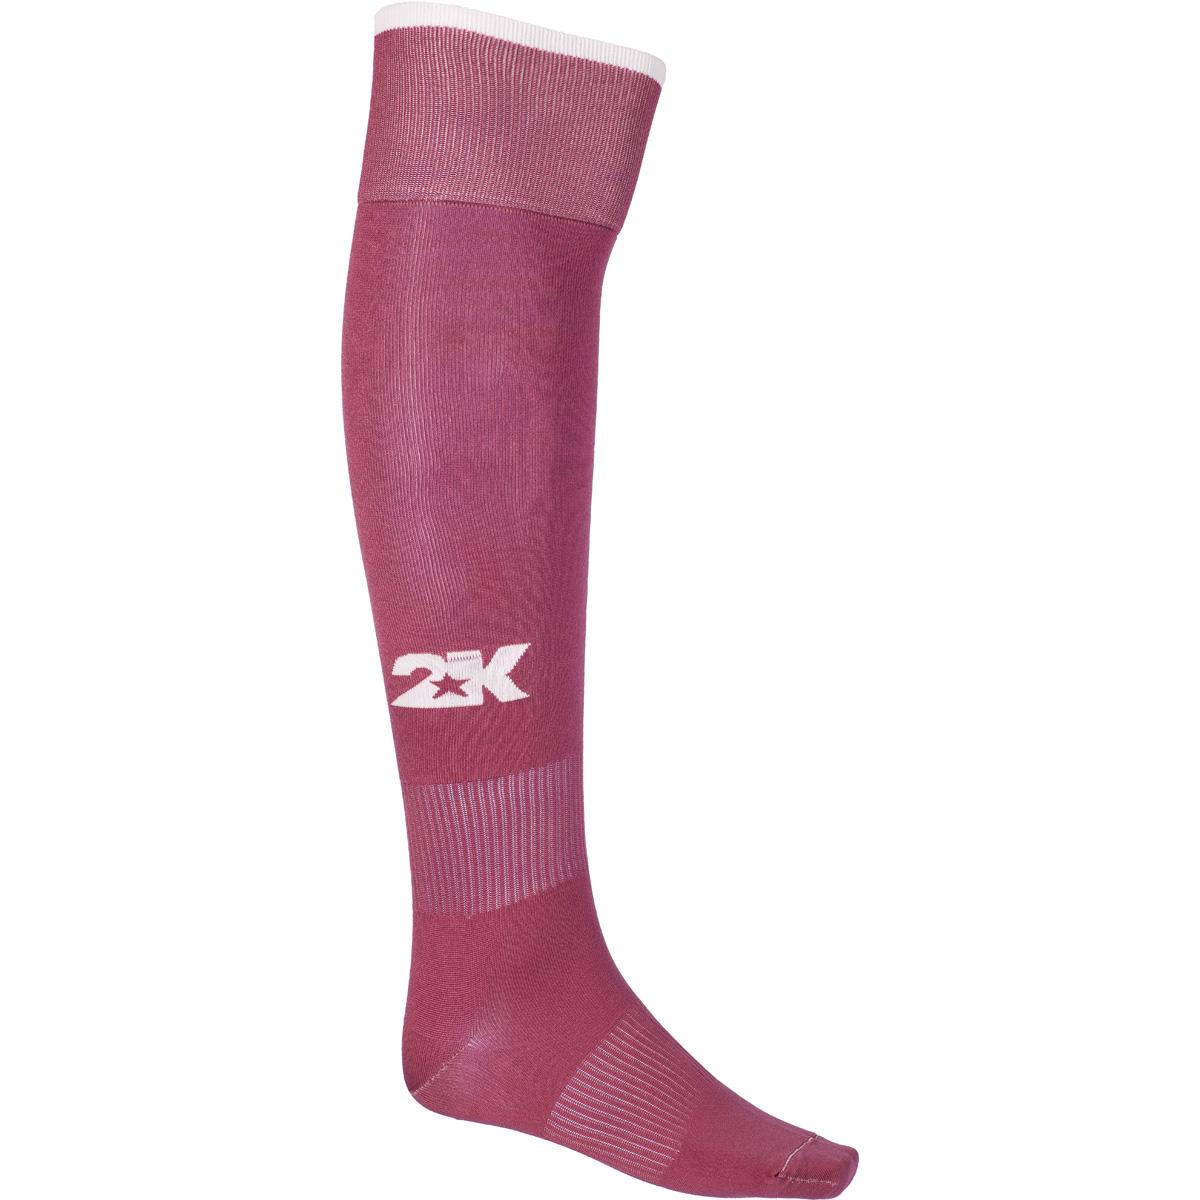 Гетры футбольные 2K Sport Classic, цвет: вишневый, белый. 120334. Размер 41/46120334_cherry-red/whiteКлассические футбольные гетры выполнены из высококачественного материала. Оформлены логотипом бренда.